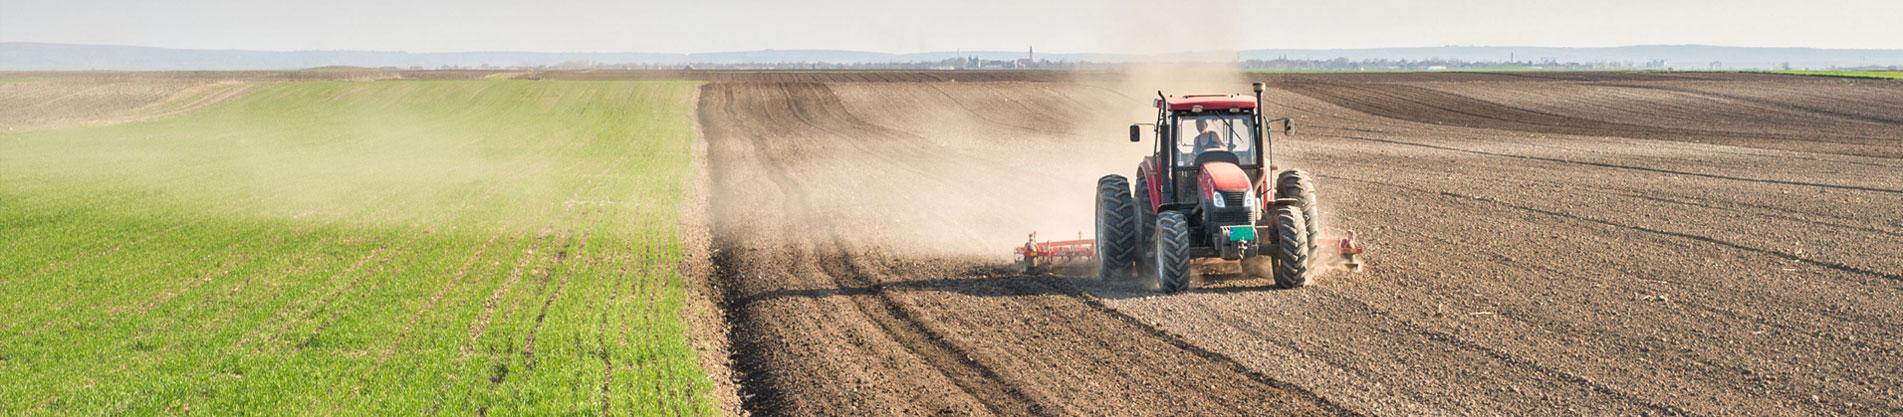 عمال الزراعة